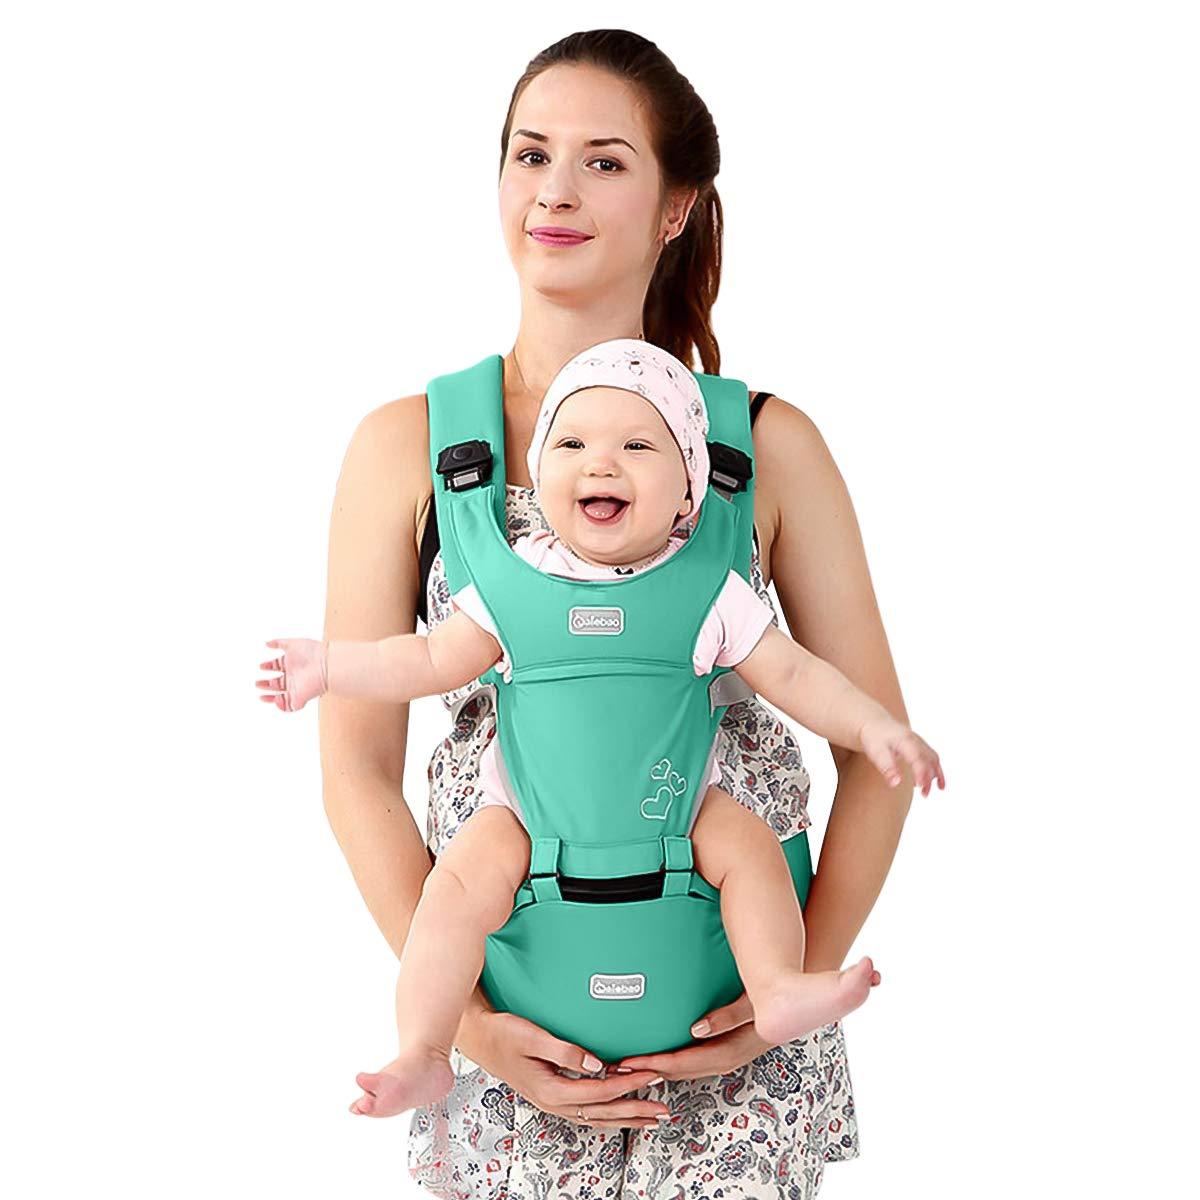 Ergonomisch 6 Tragende Positionen,Angepasst an Ihr Kind wachsende,Ideal Geschenk Multifunktional Blau Schmetterlingsdrehschnalle SONARIN Front Premium Hipseat Babytrage 100/% Baumwolle